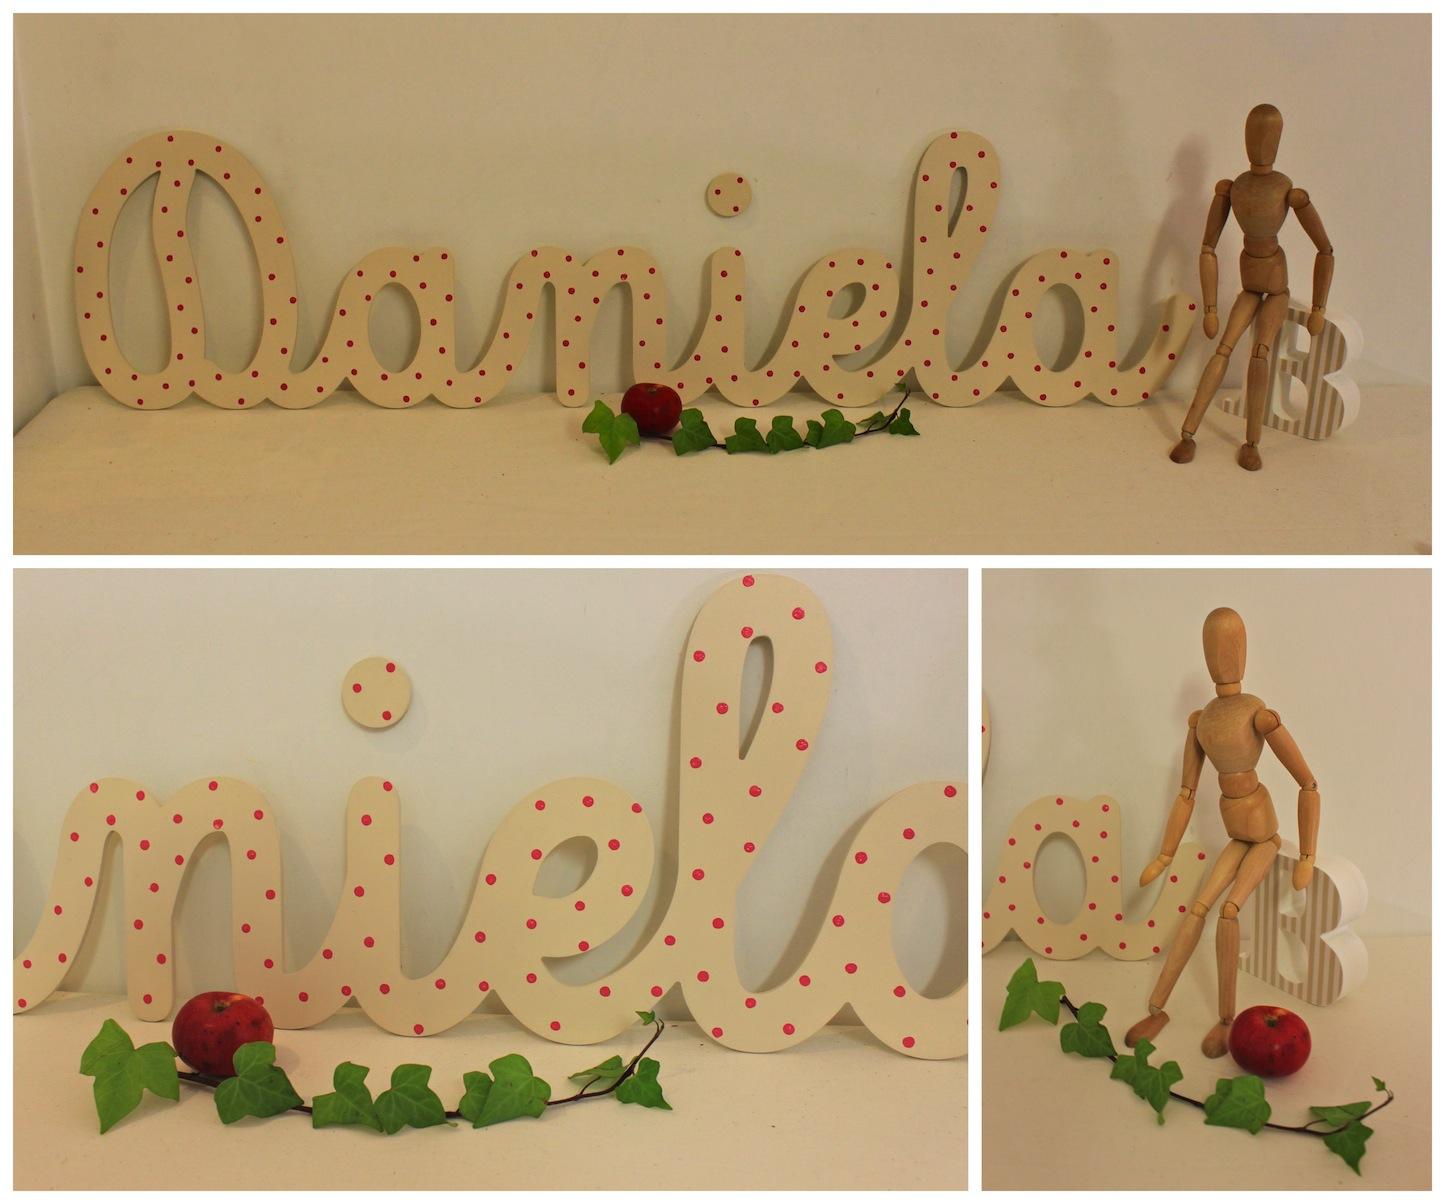 Decoraci n infantil personalizada cuadros infantiles - Letras decorativas para habitaciones infantiles ...